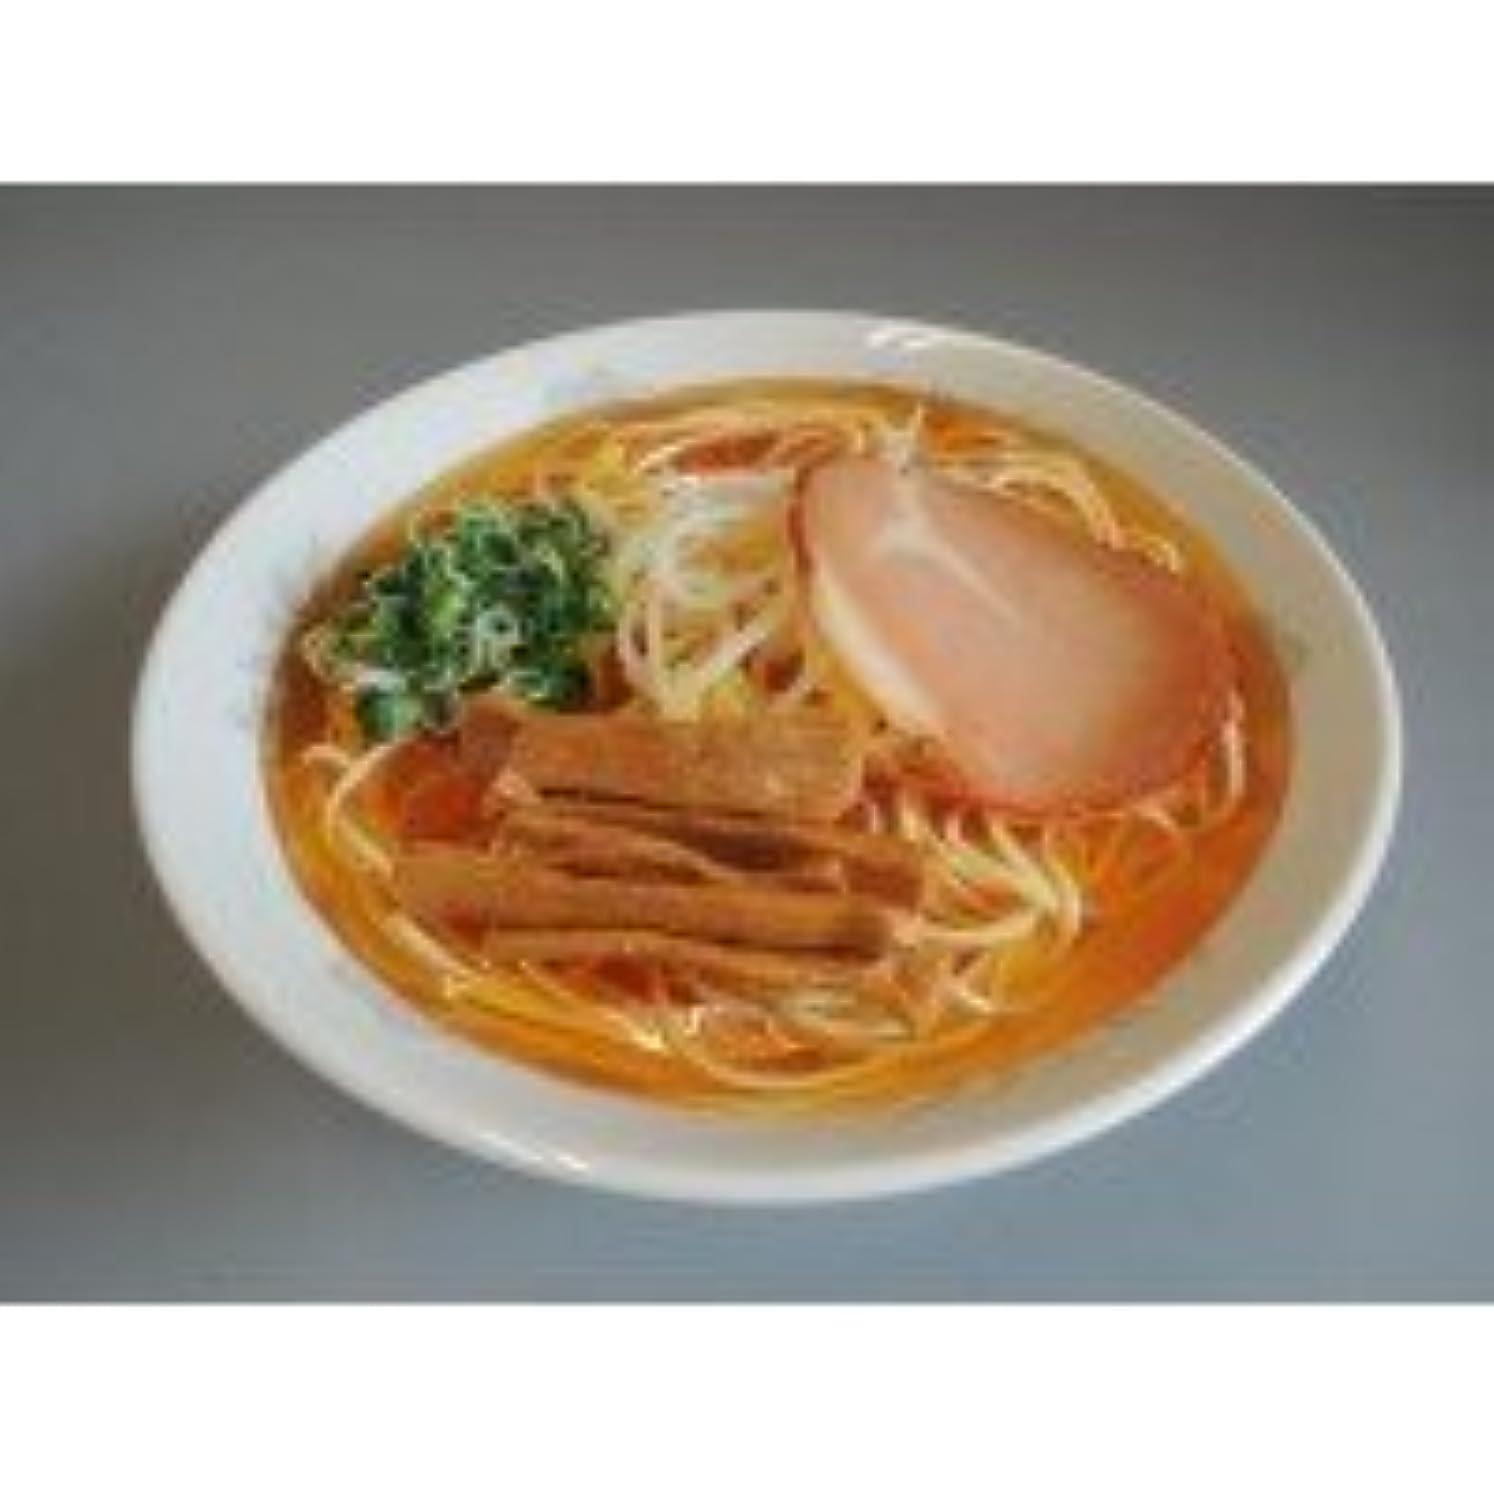 間違いなくモデレータ住居日本職人が作る 食品サンプル ラーメン IP-163